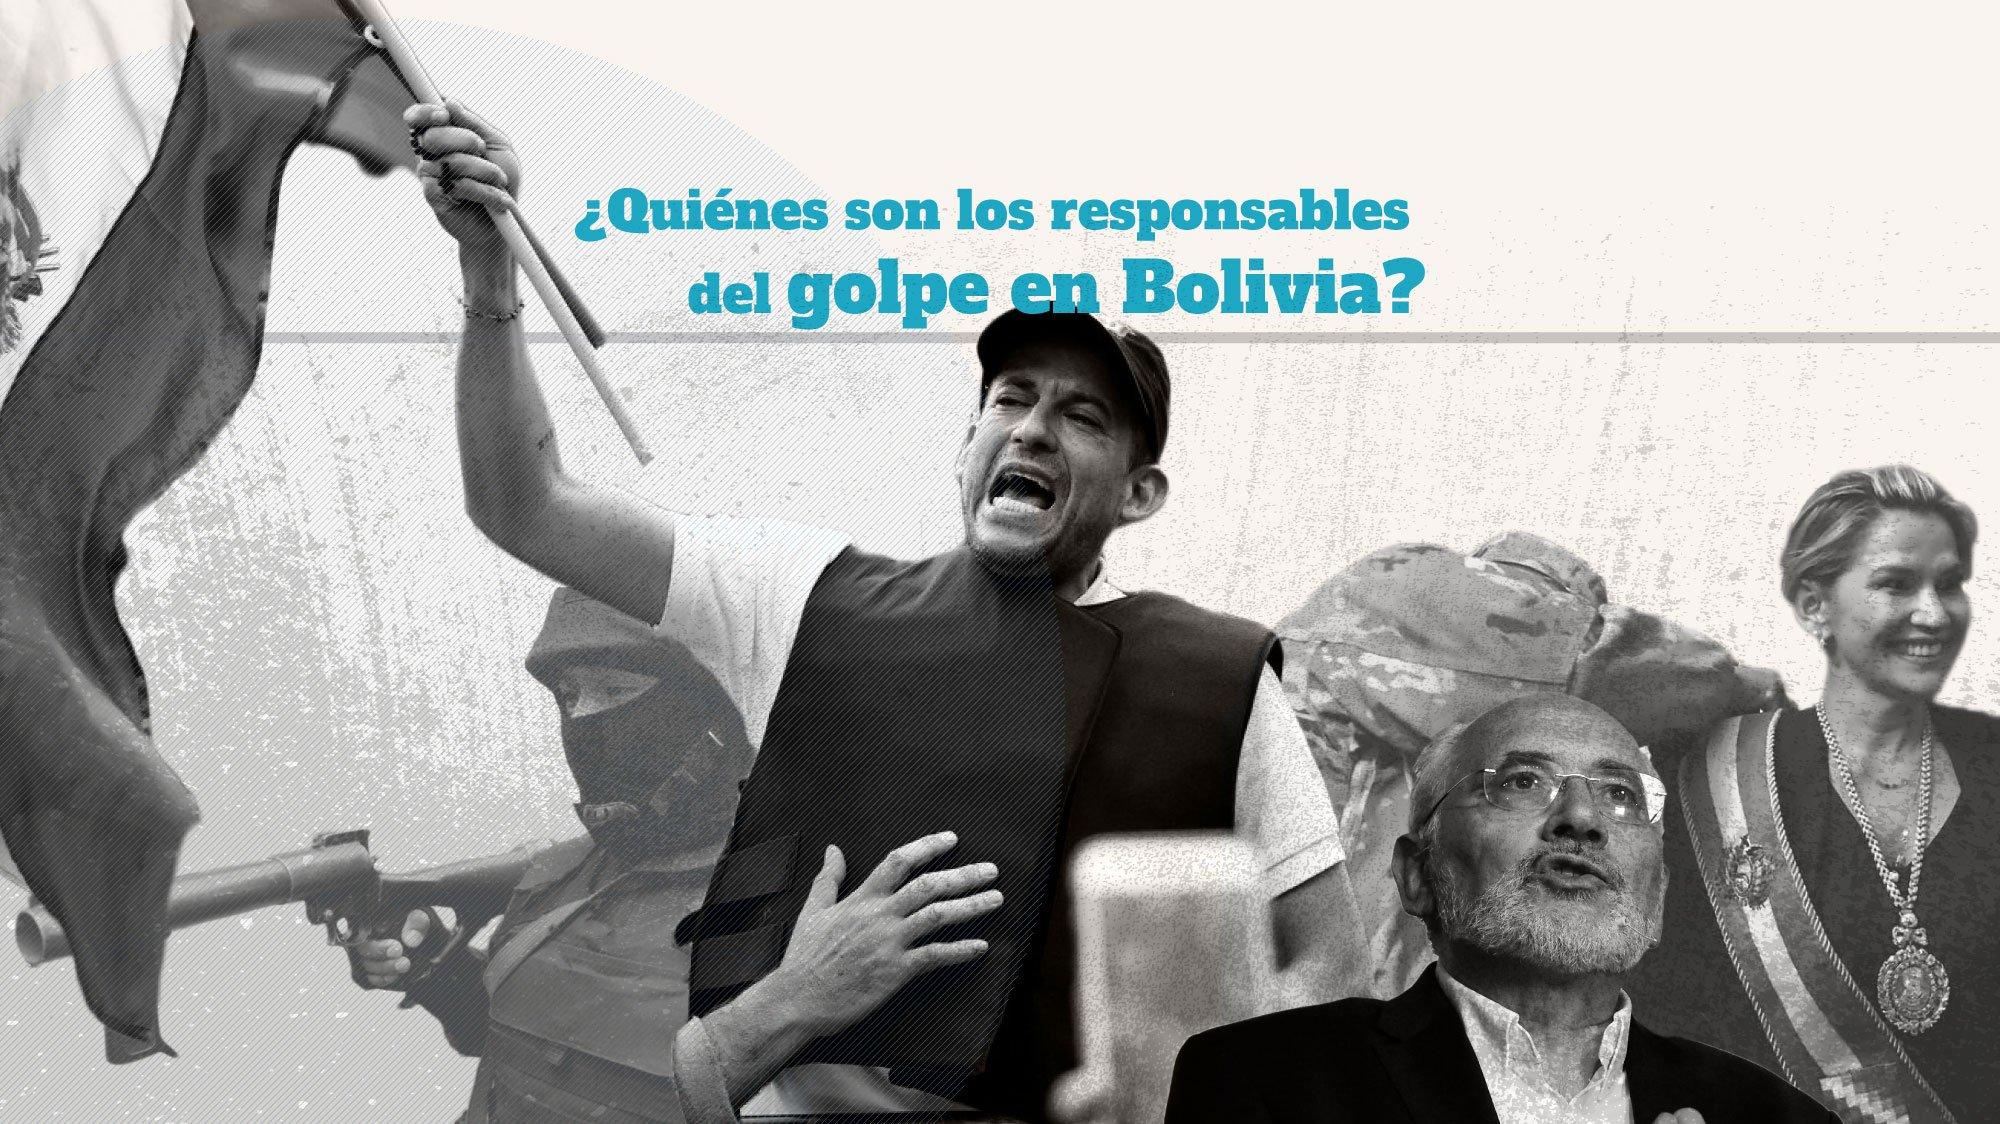 Bolivia: Otro golpe mediático. Por José Manzaneda